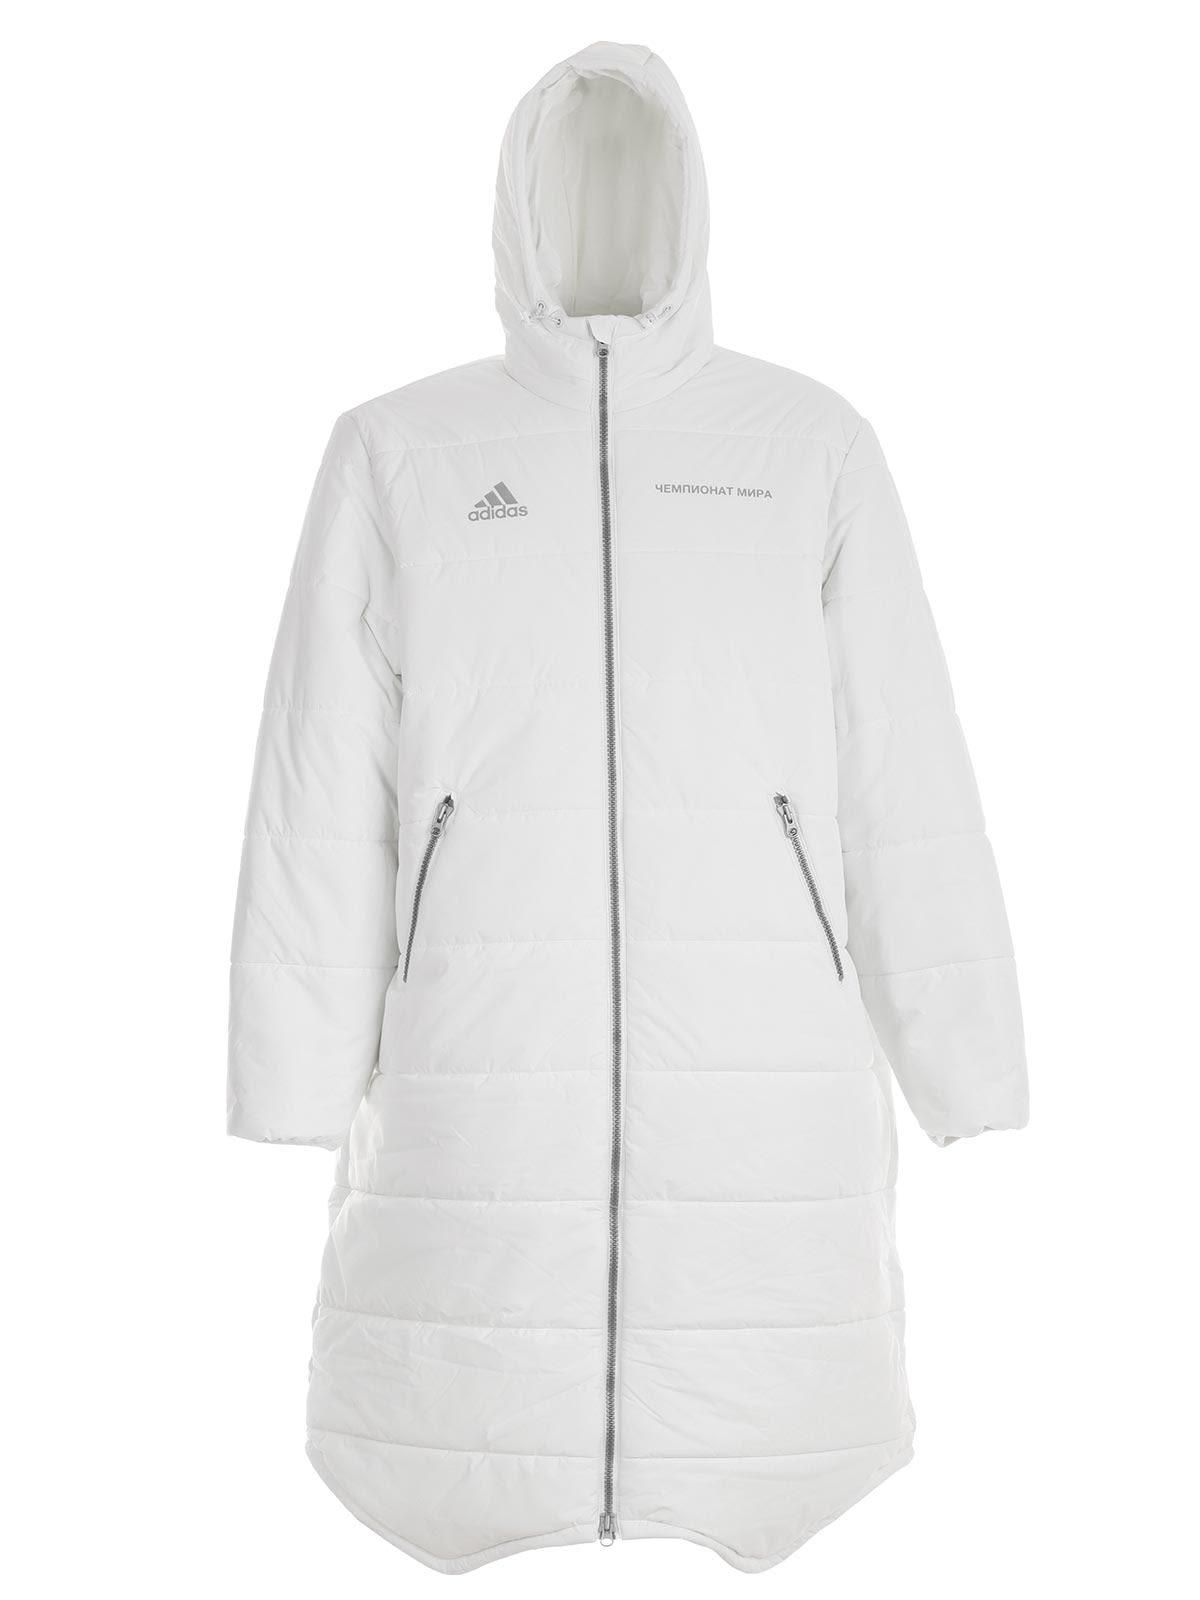 GOSHA RUBCHINSKIY Oversized Puffer Coat - White Size M